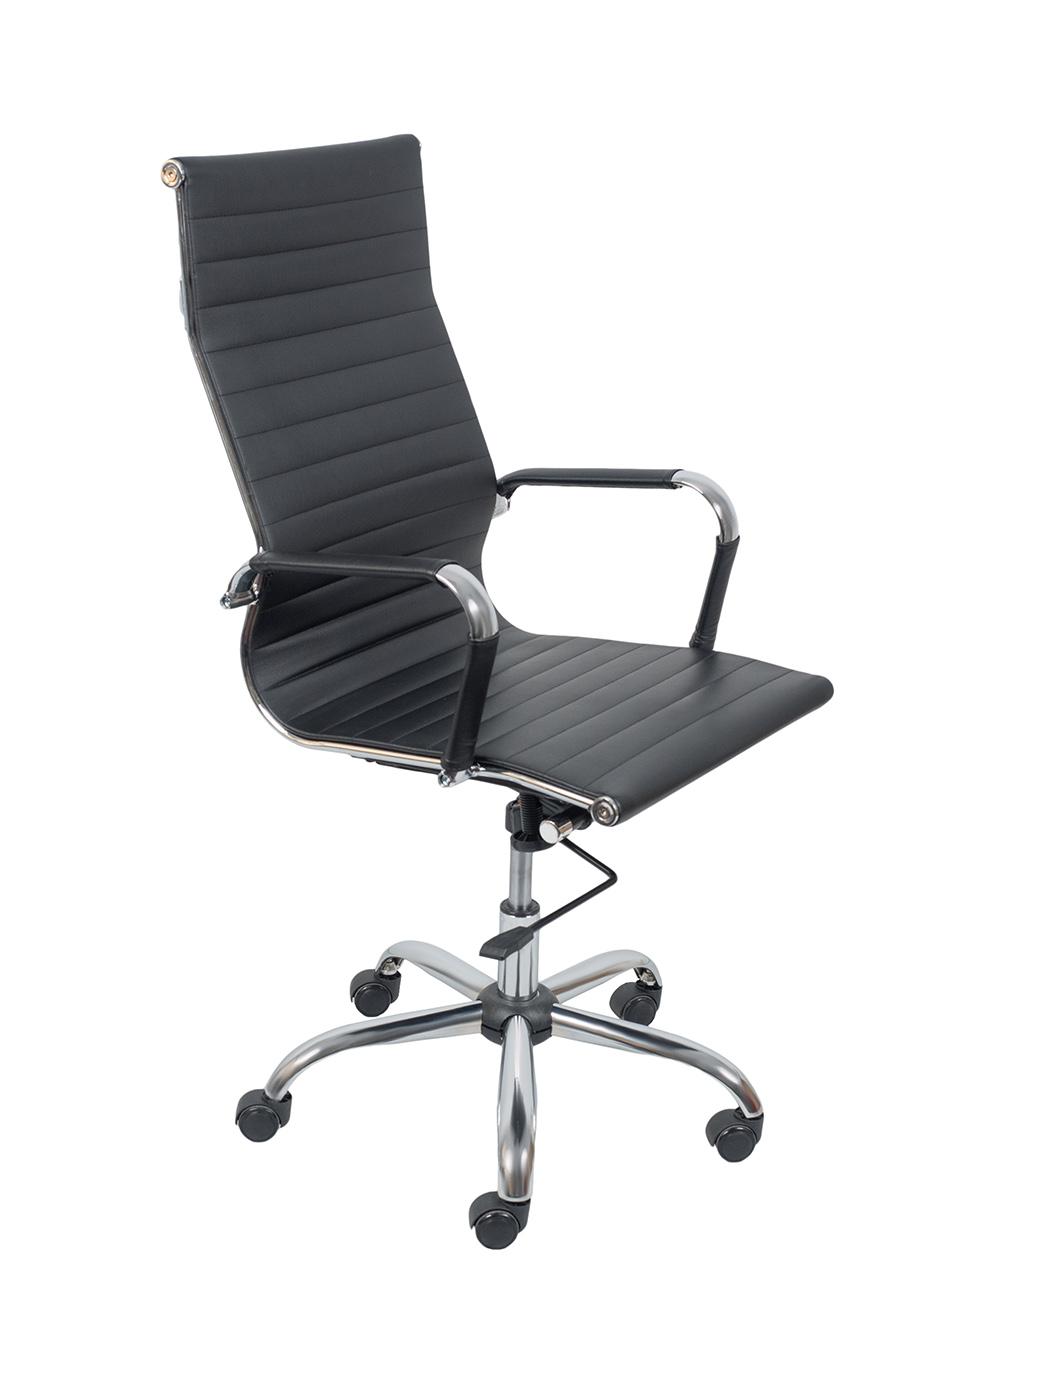 Предметная фотосъемка кресла